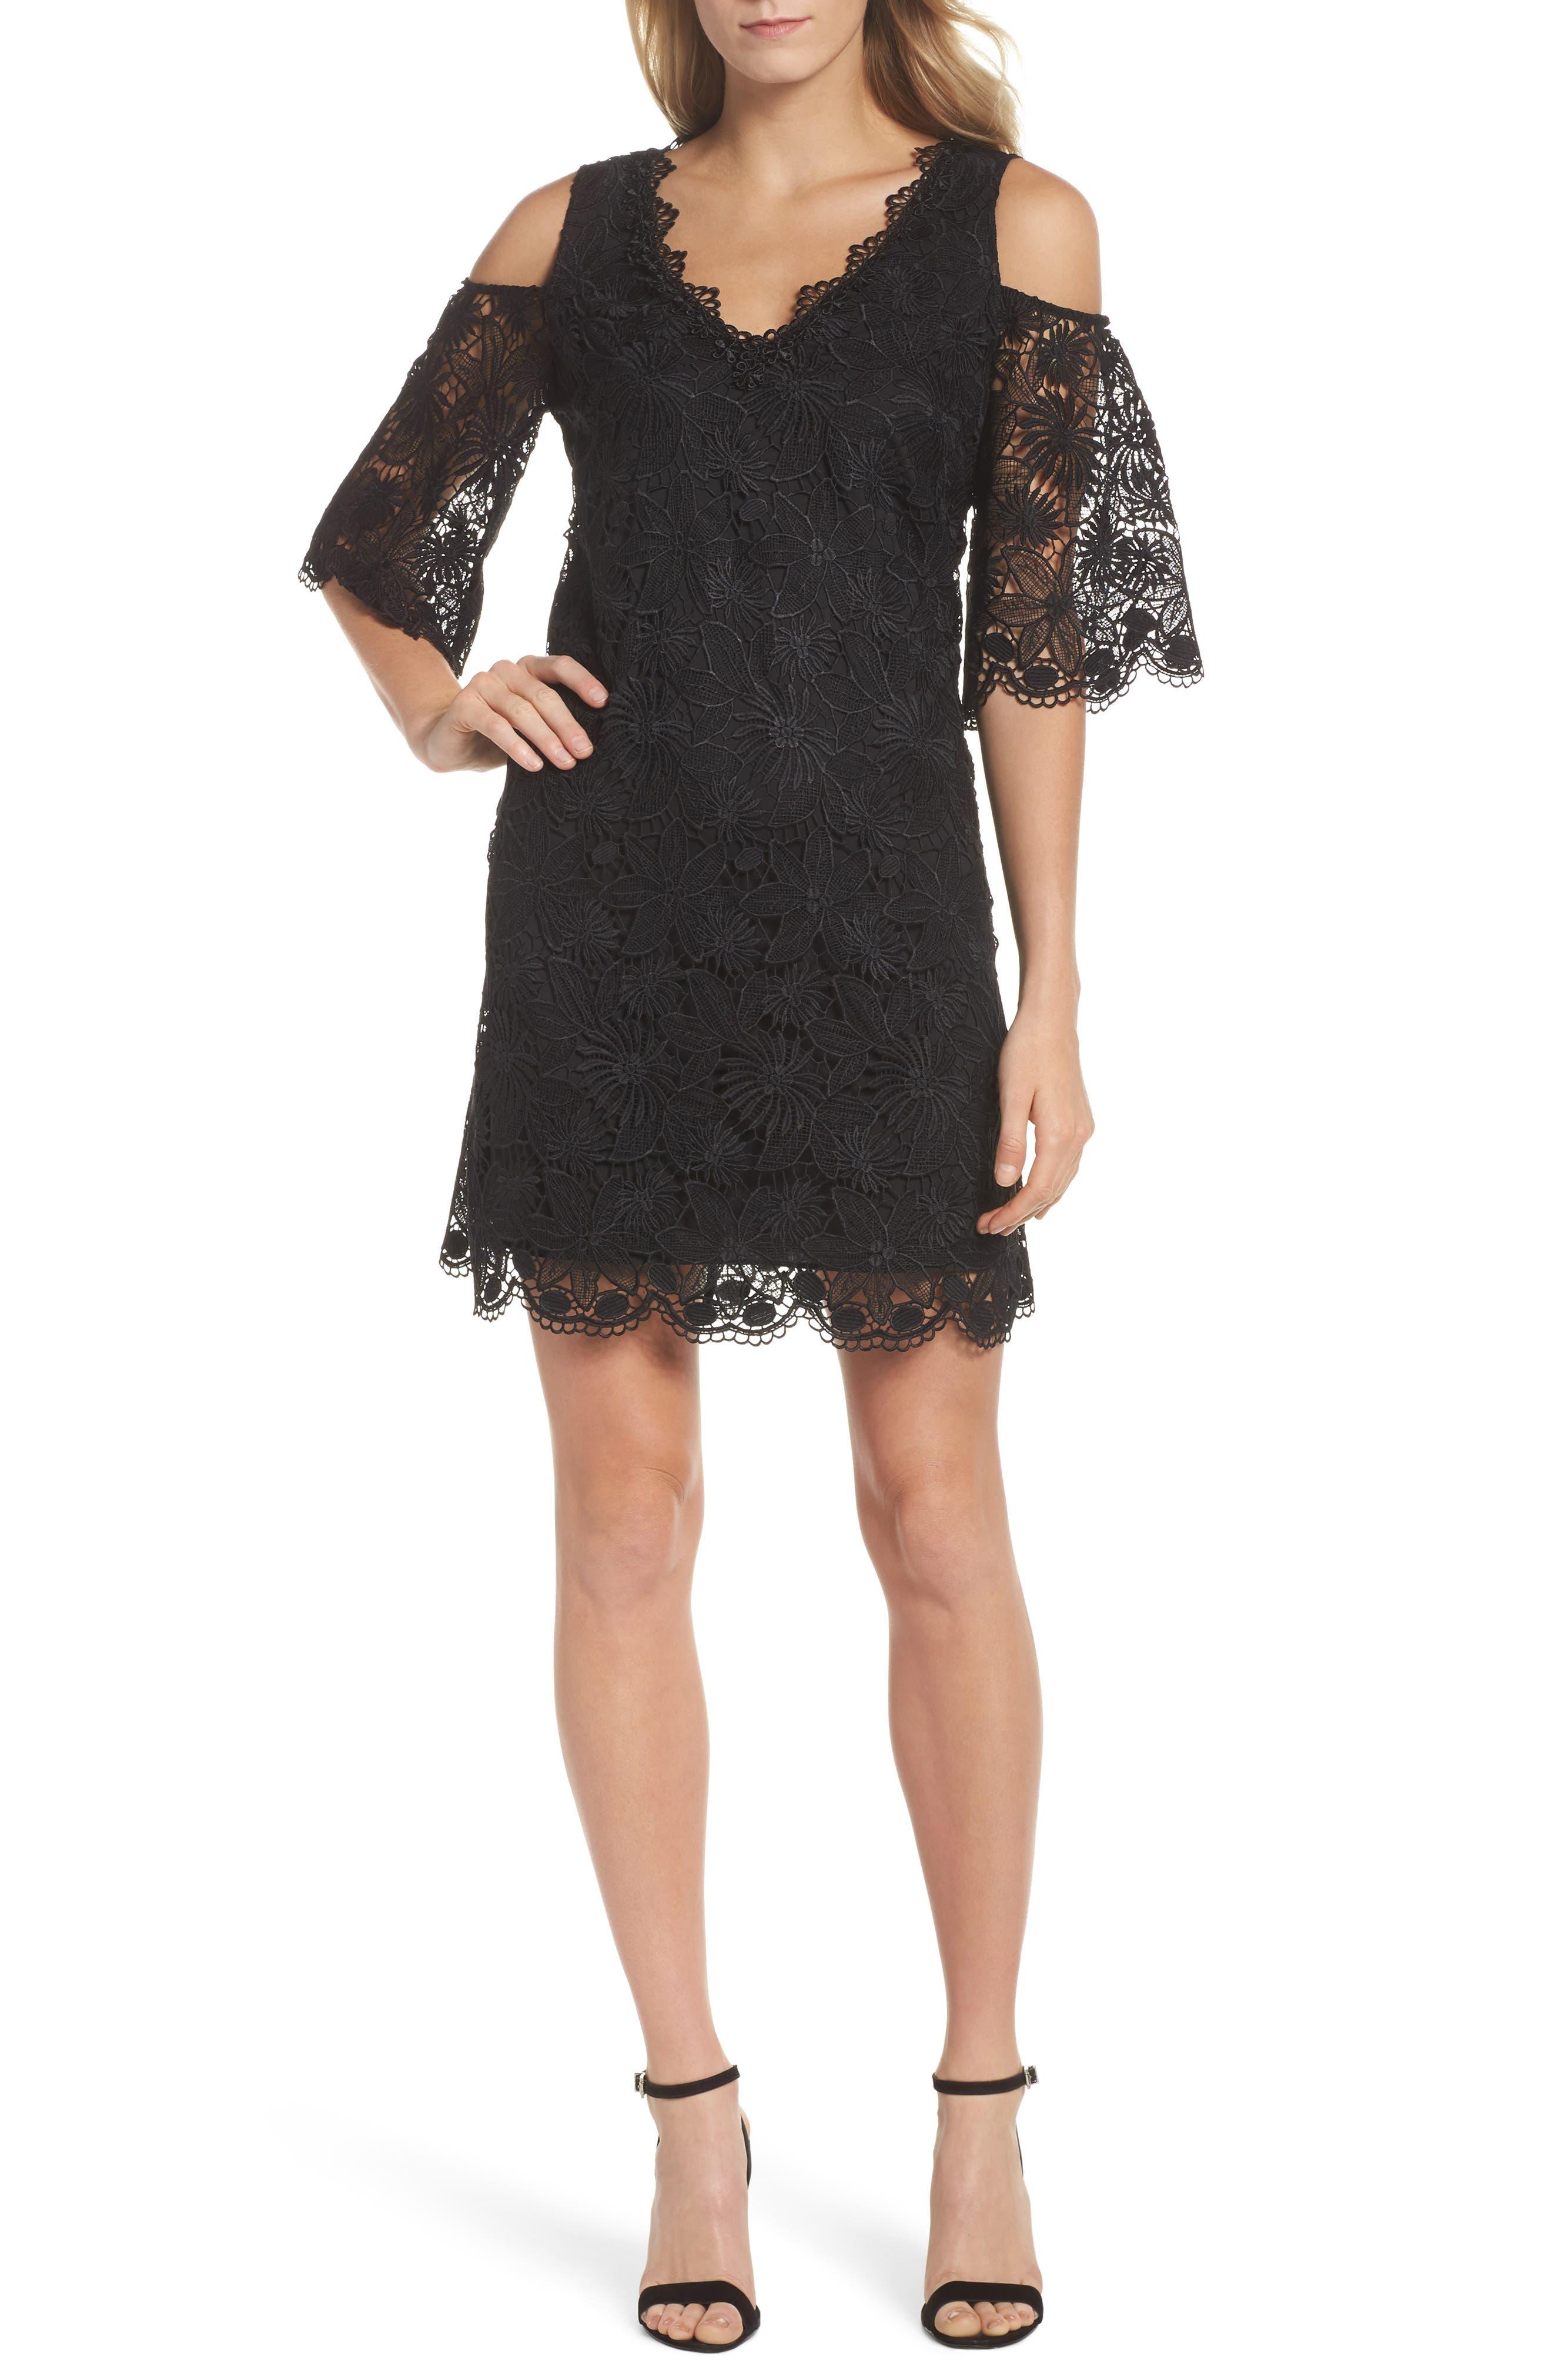 Alternate Image 1 Selected - Kobi Halperin Edna Cold Shoulder Lace Dress (Nordstrom Exclusive)